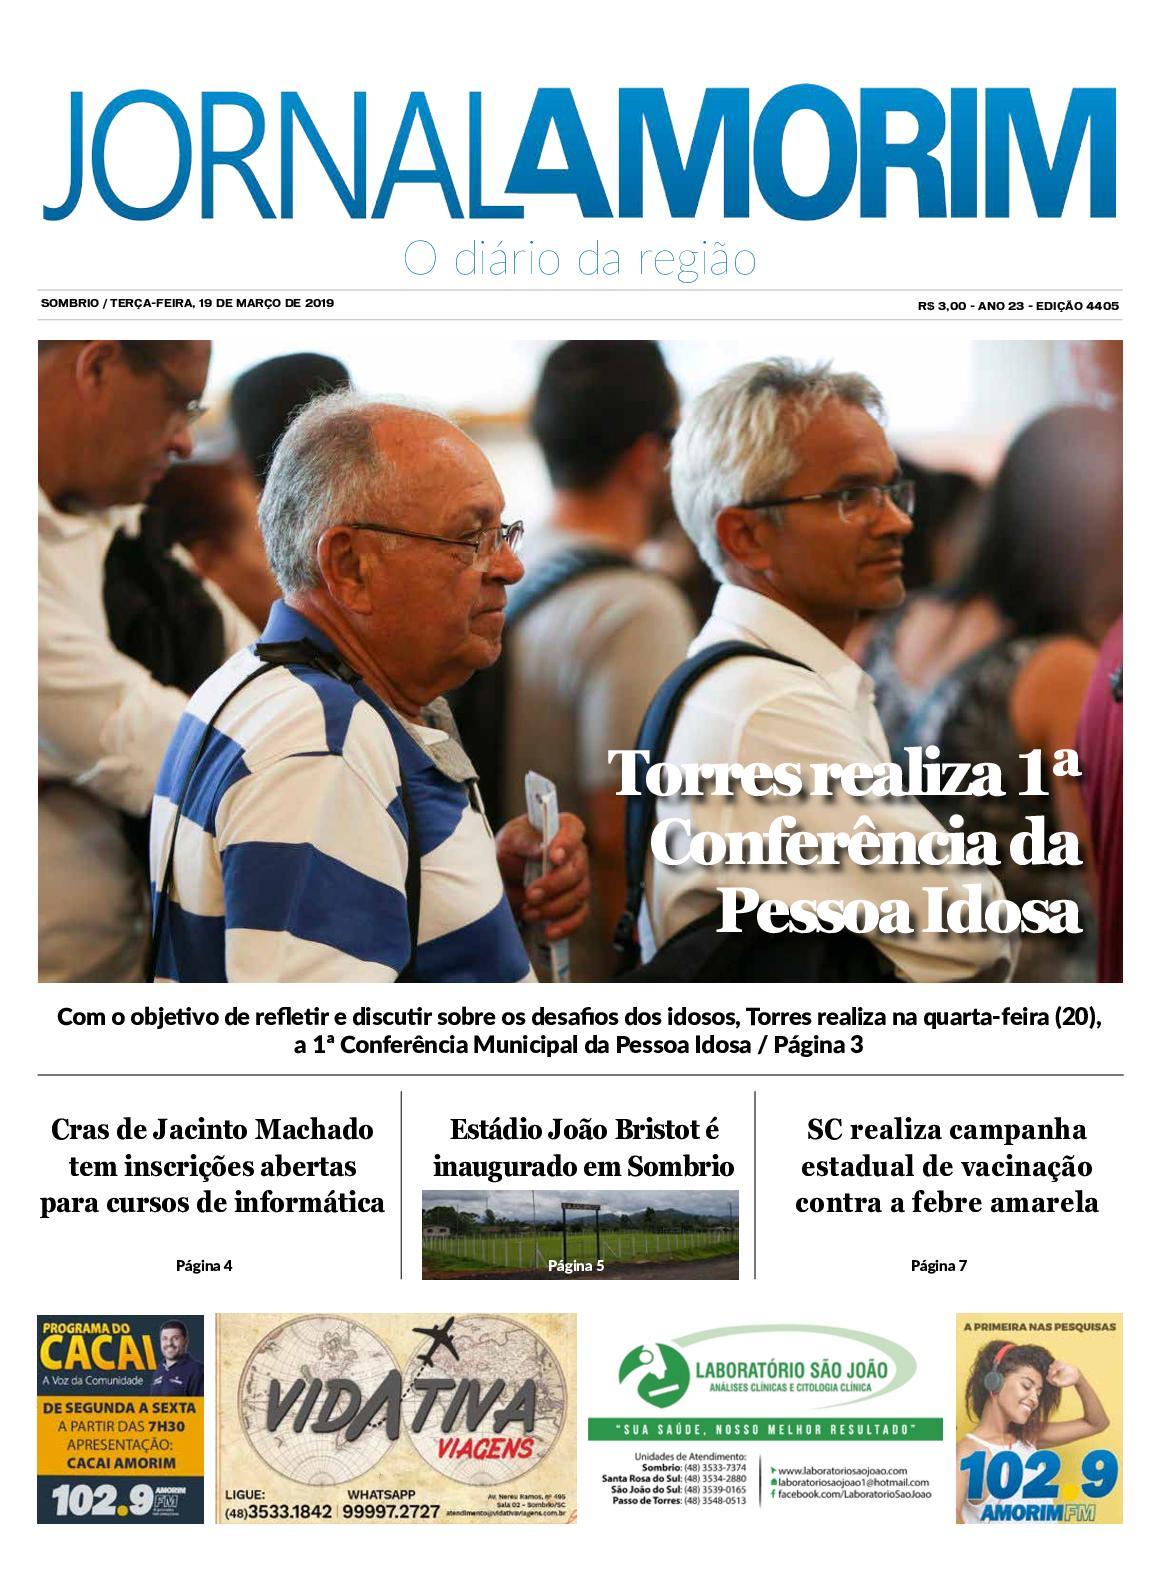 Jornal Amorim 19-03-2019